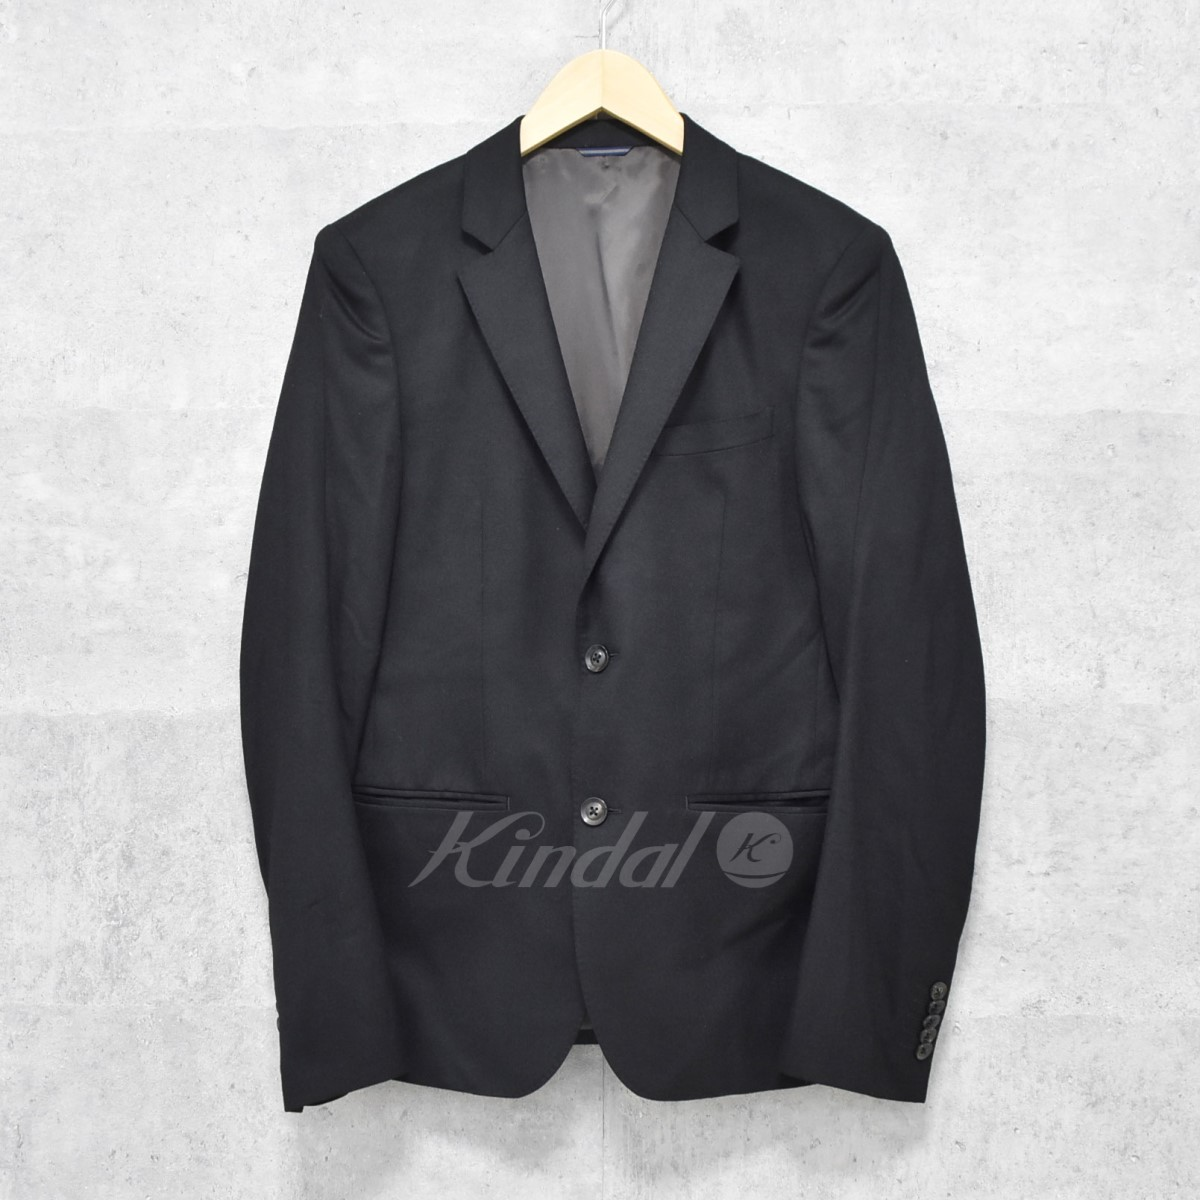 【中古】jun hashimoto 3Dジャケット 2Bテーラードジャケット 【送料無料】 【005640】 【KIND1550】